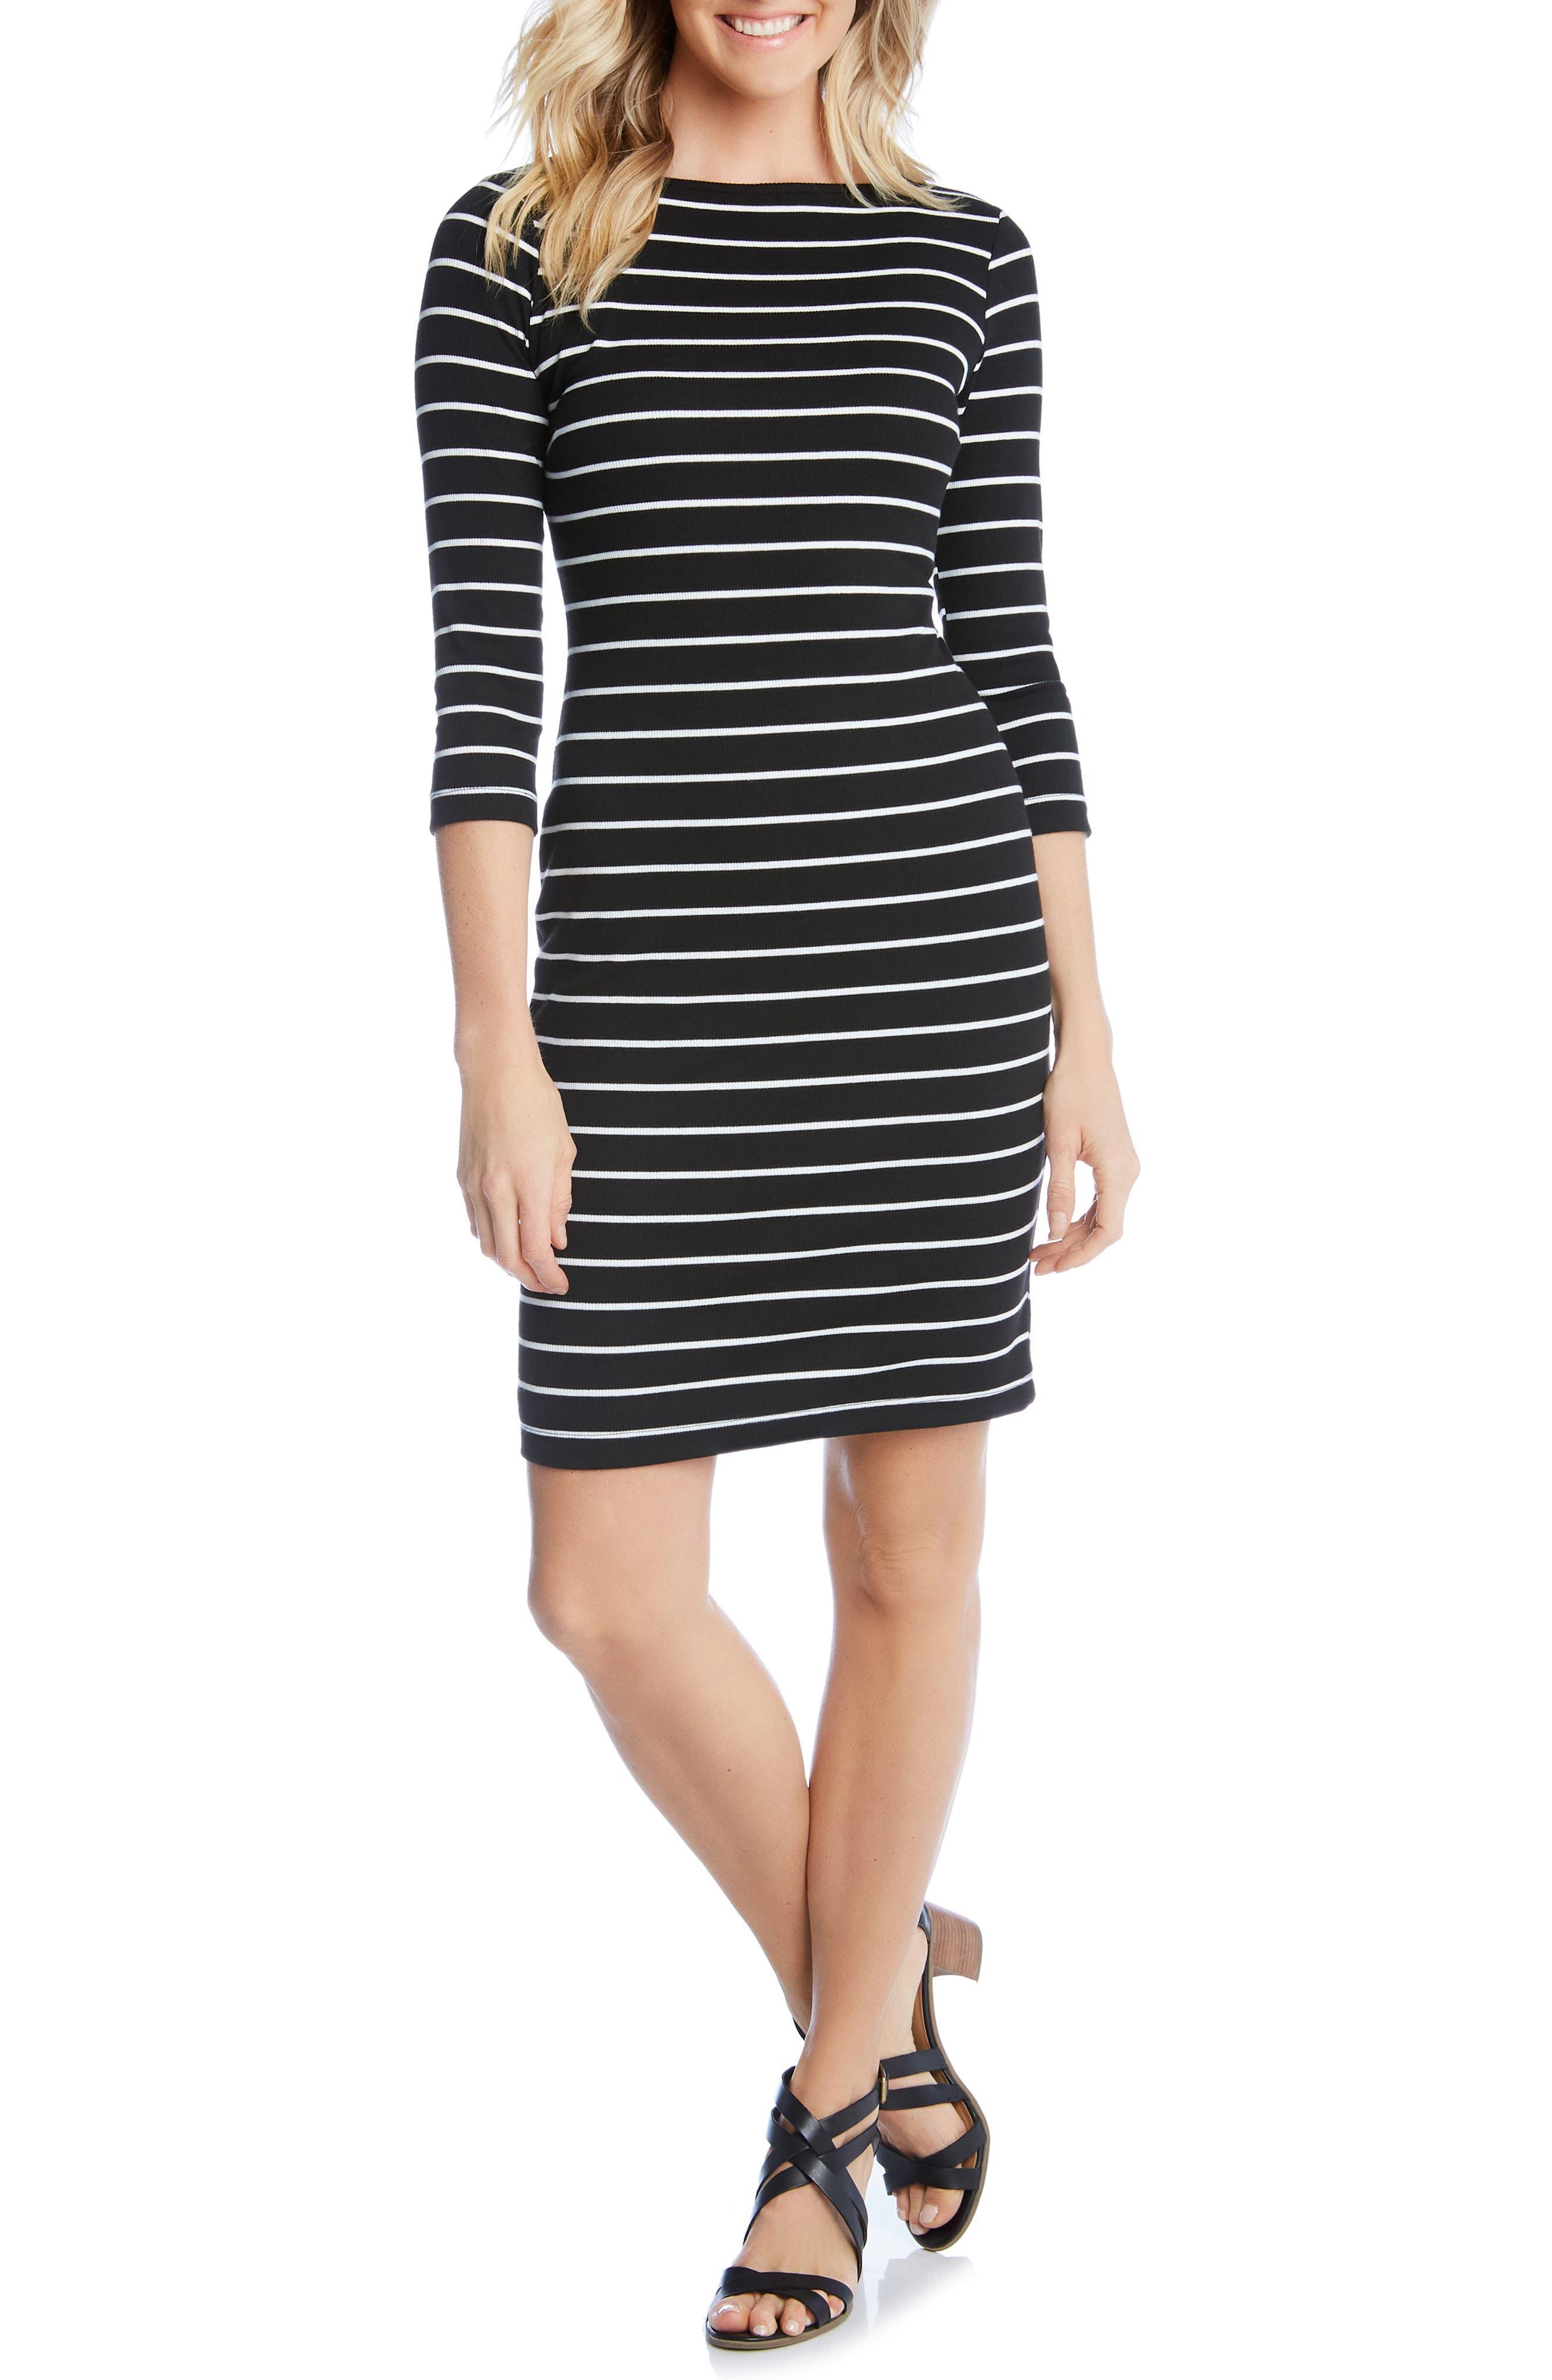 KAREN KANE, Stripe Body-Con Dress, Main thumbnail 1, color, STRIPE